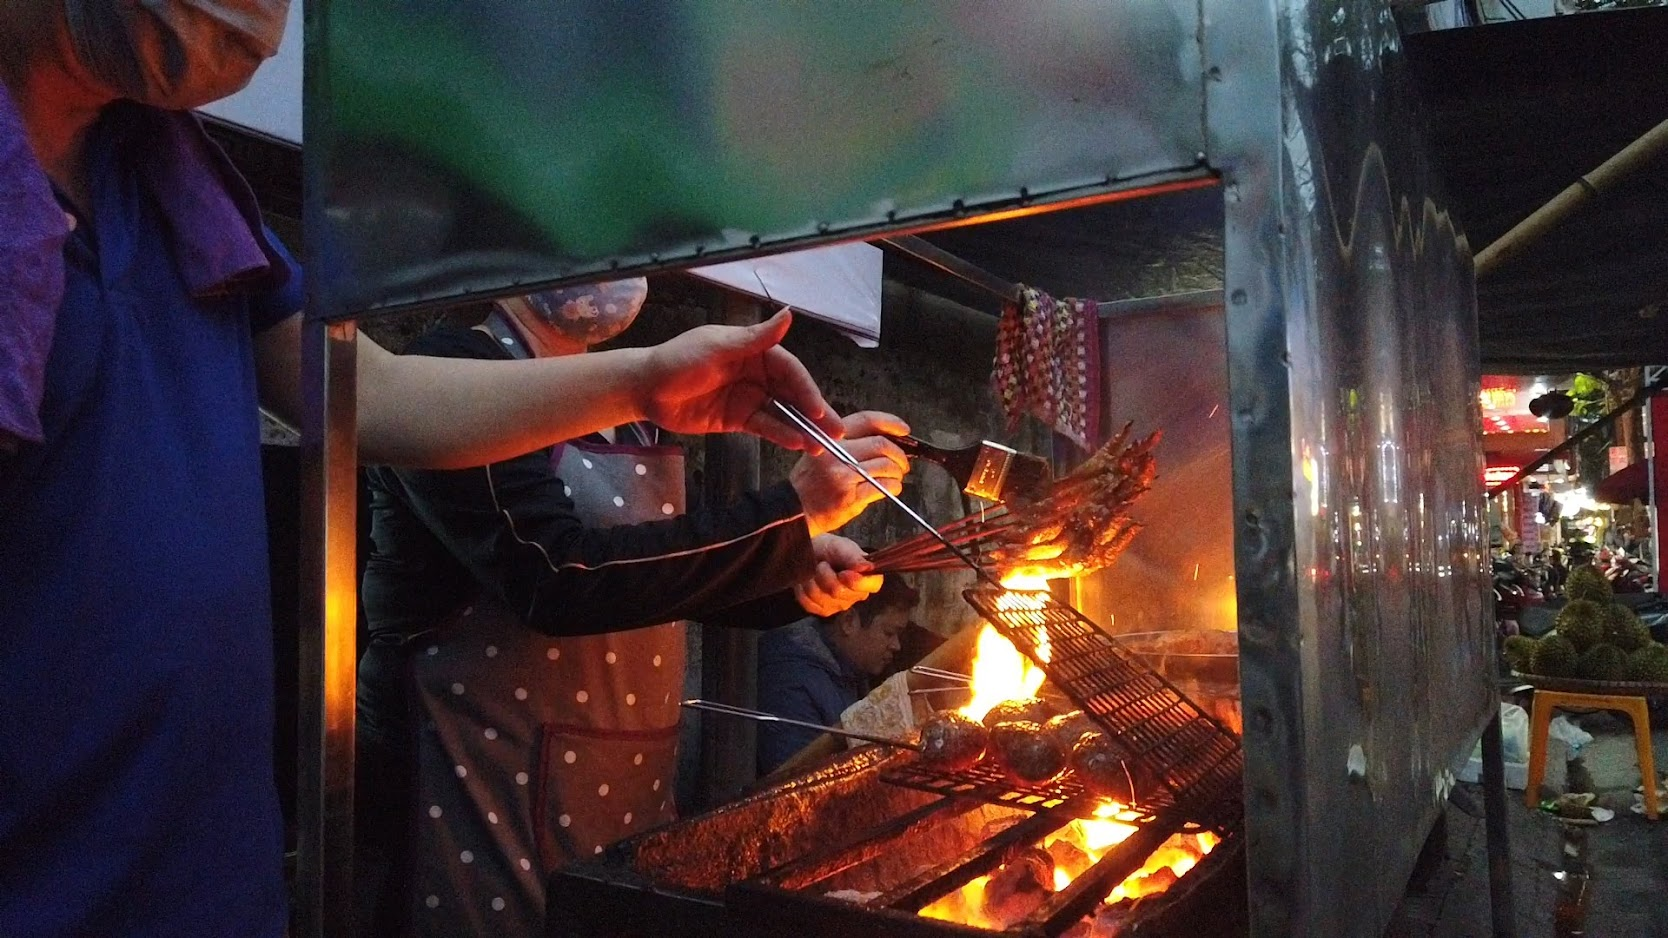 Quán chân gà nướng đường Cát Cụt món ngon ẩm thực Hải Phòng